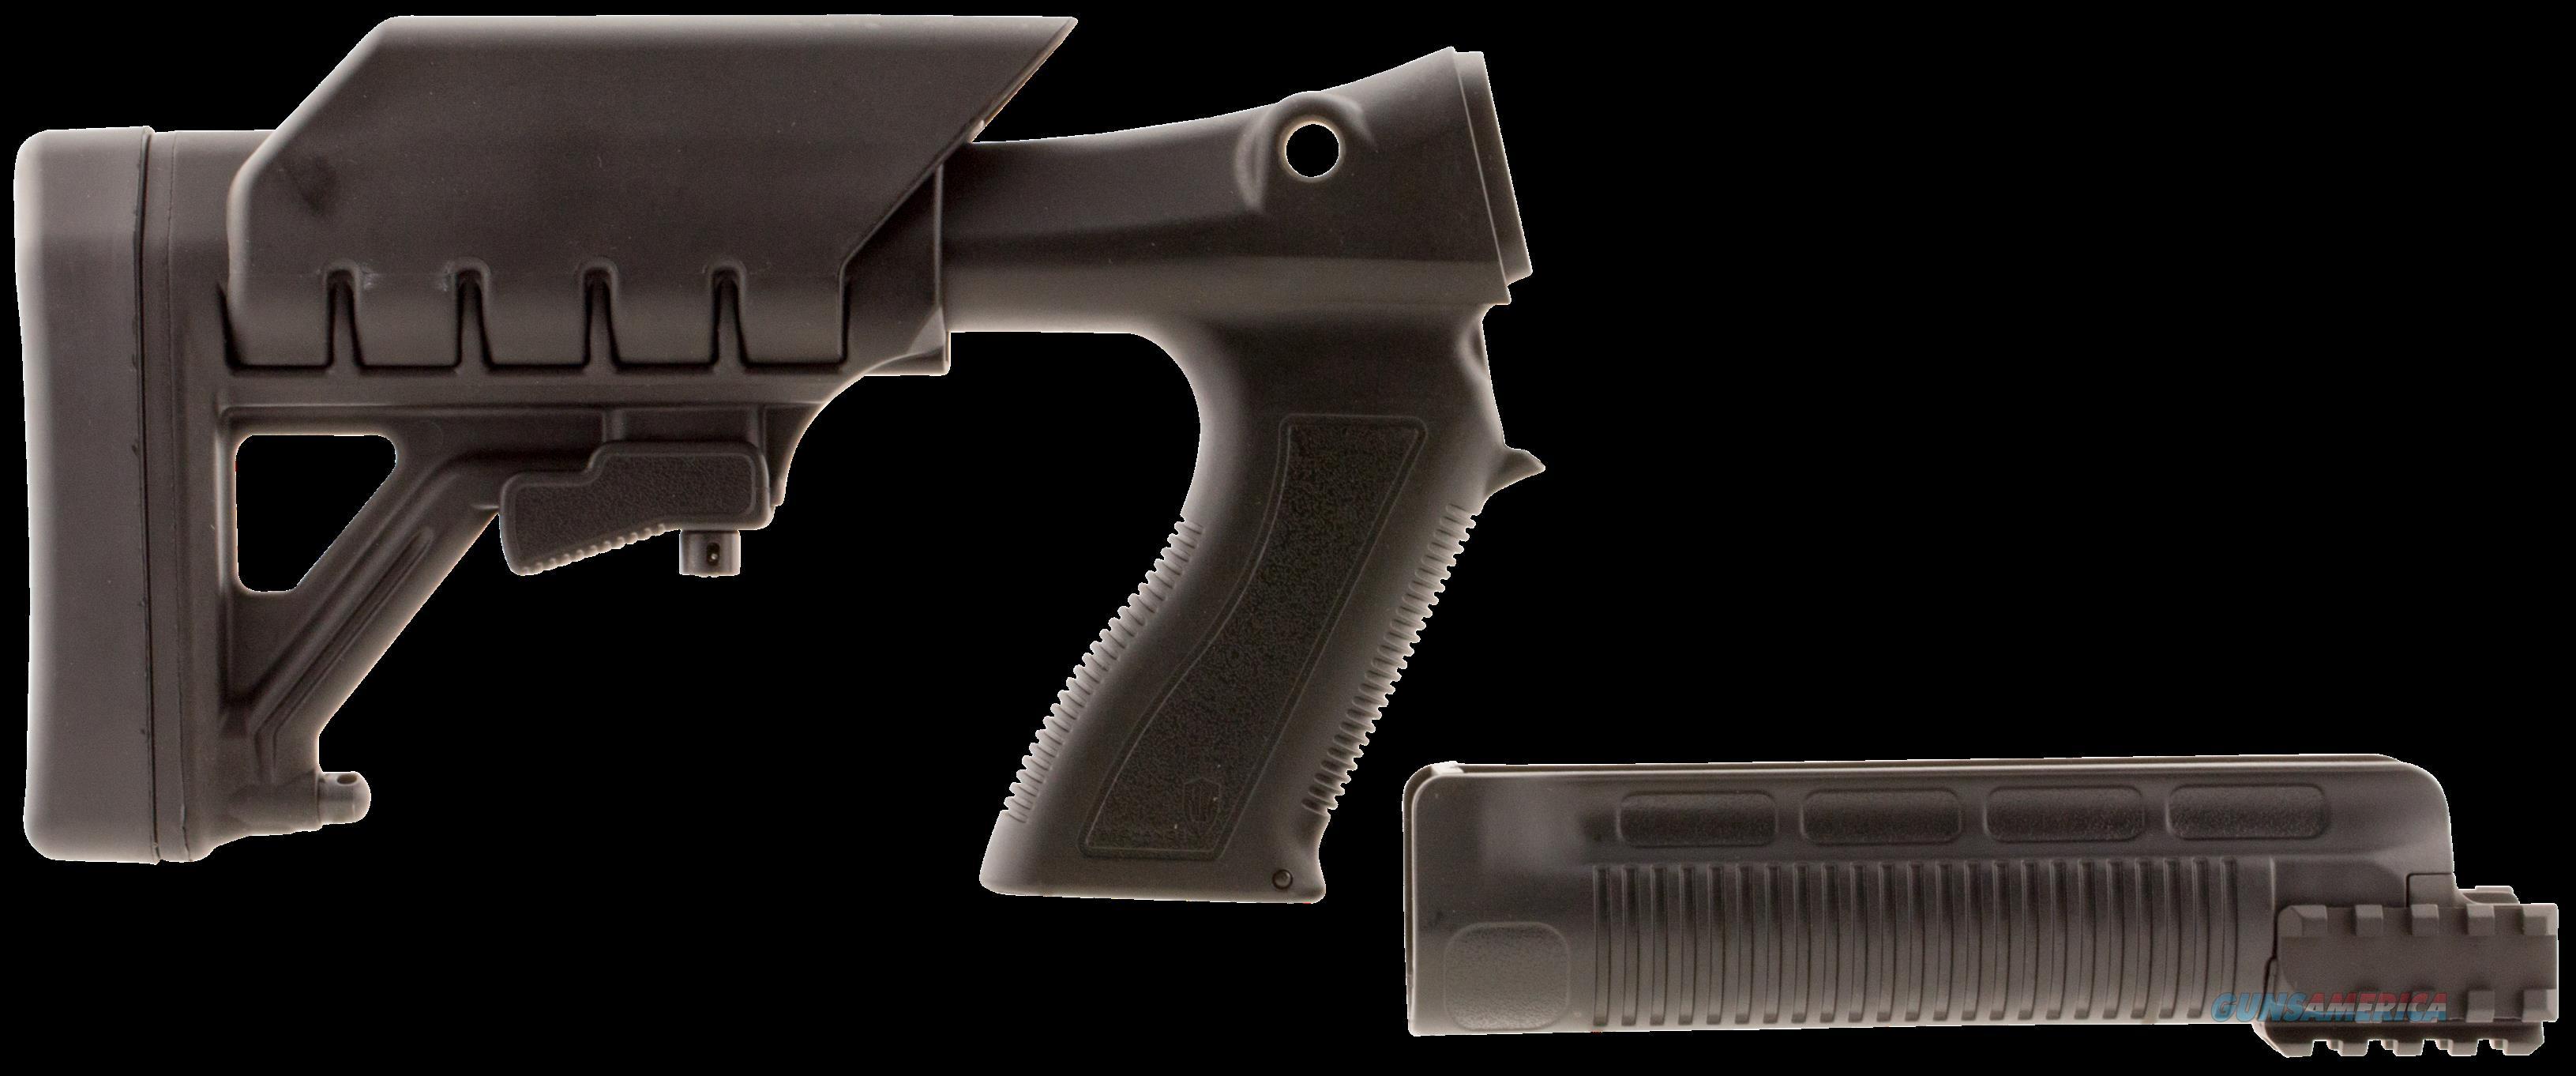 Promag Archangel, Pro Aa870   Cqb Stock Rem 870  Guns > Pistols > 1911 Pistol Copies (non-Colt)